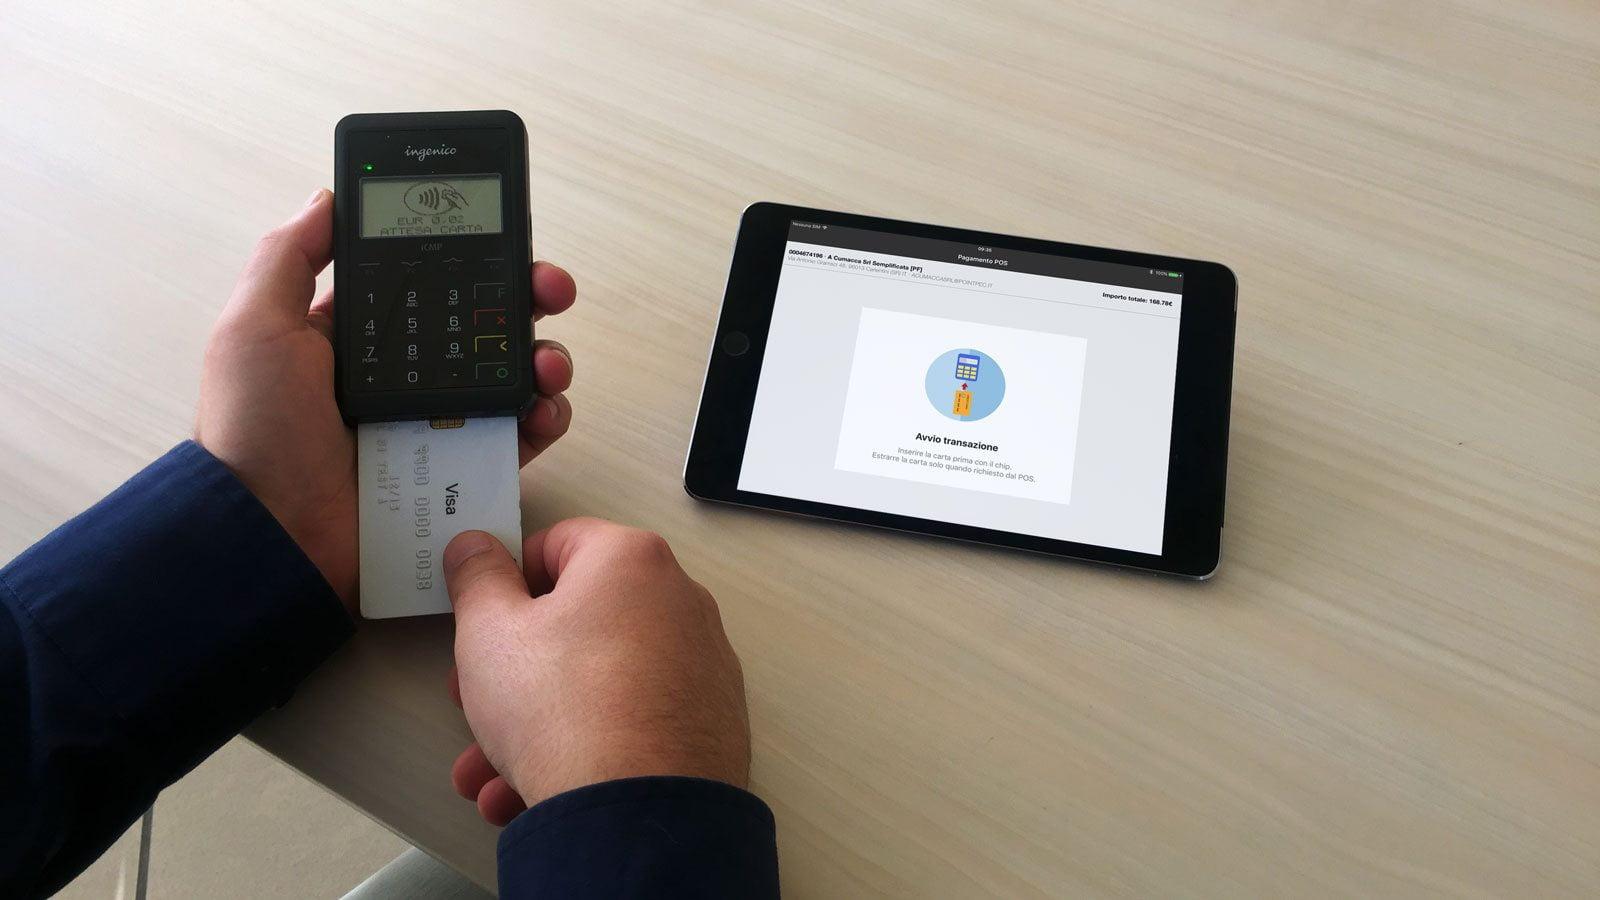 principali-metodi-di-pagamento,-come-bancomat-e-carte-di-credito_dsales.it